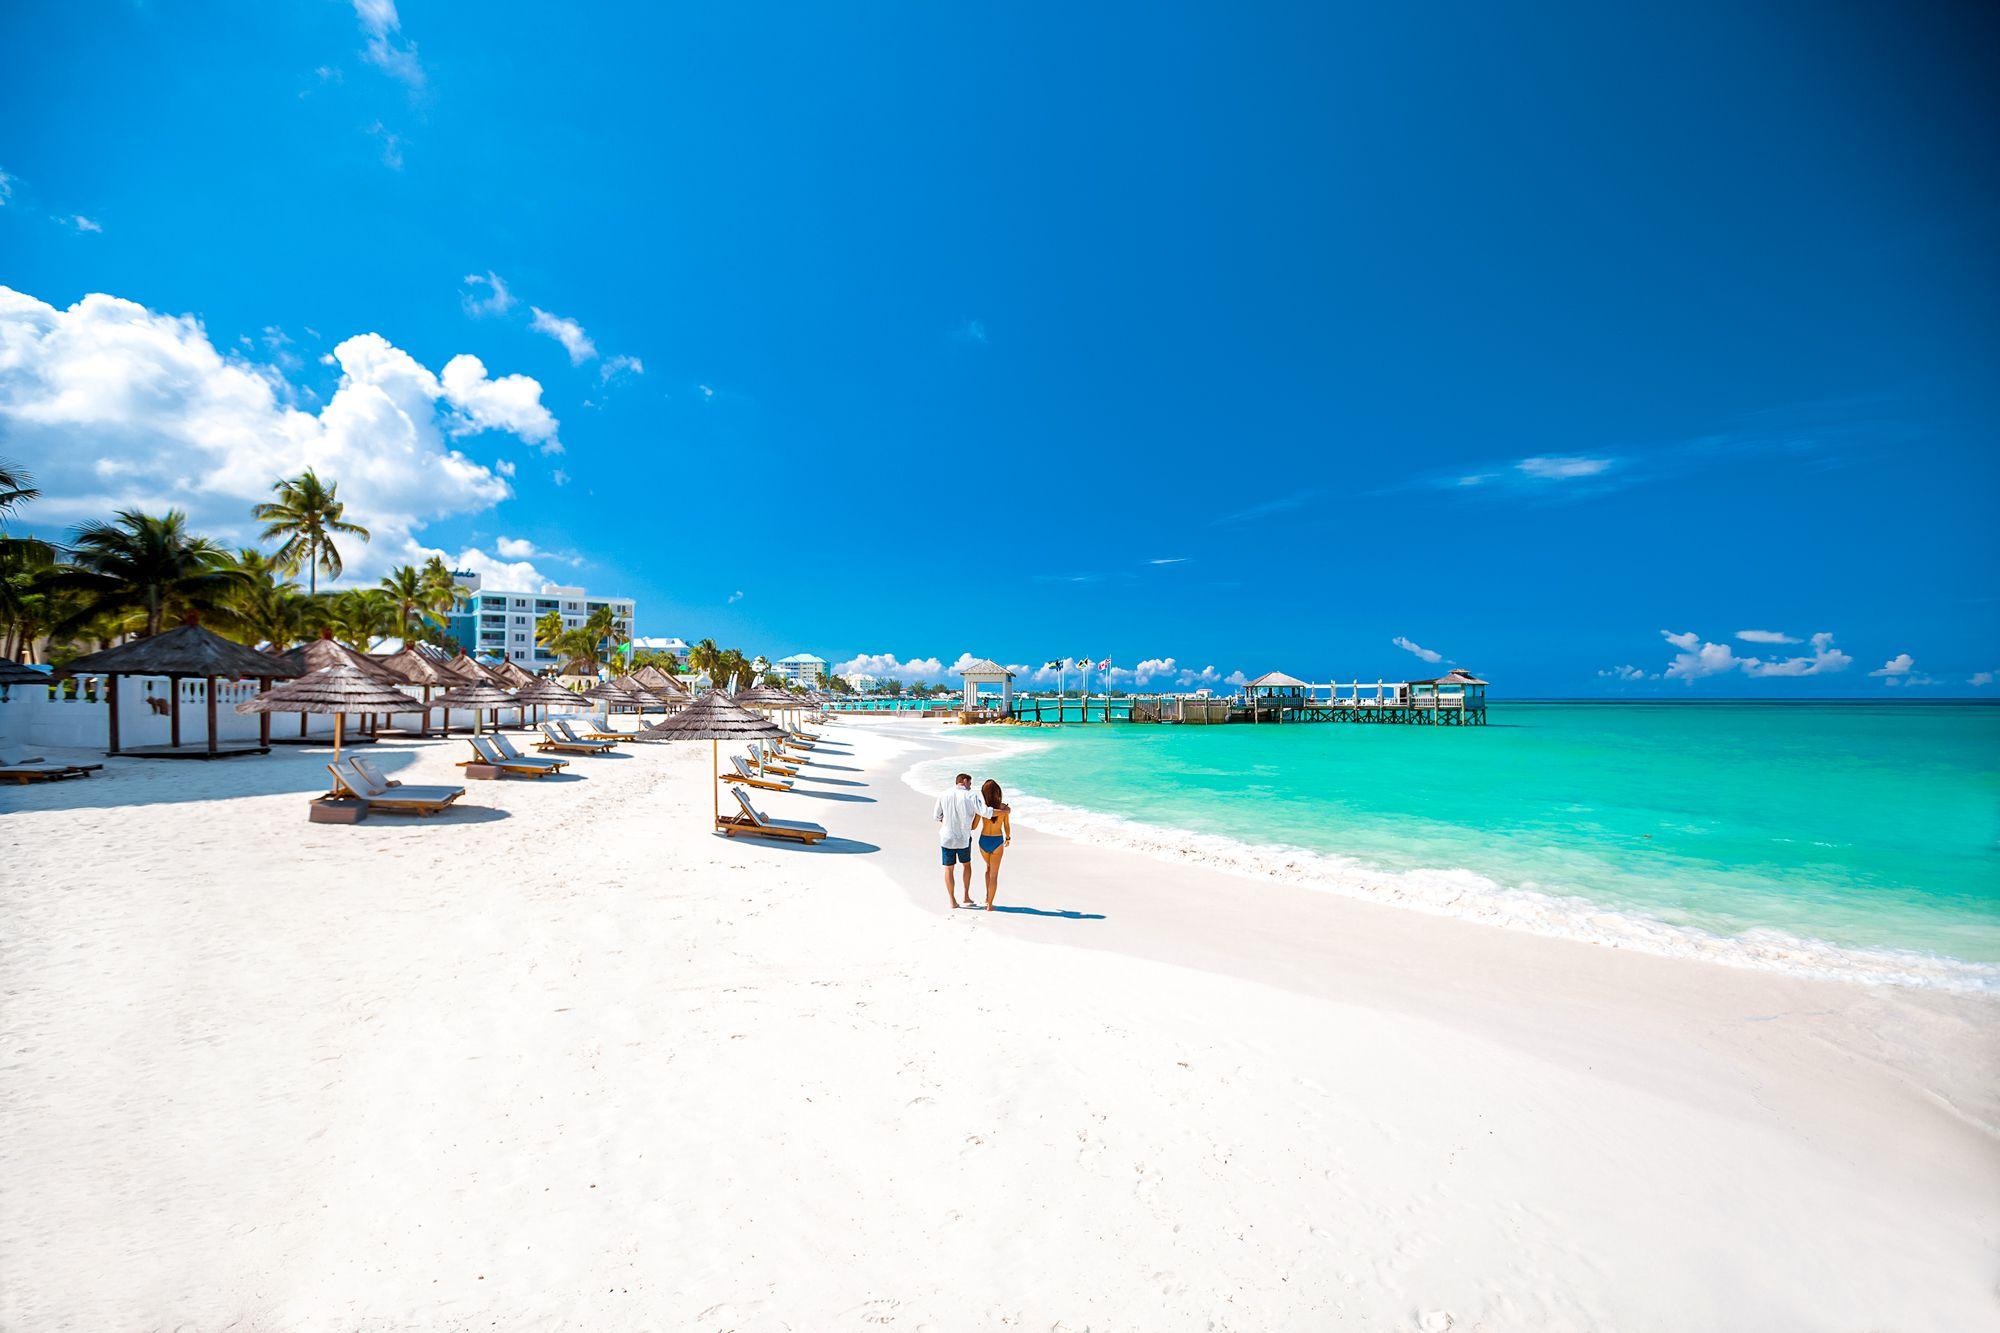 Sandals Royal Bahamian Beach View